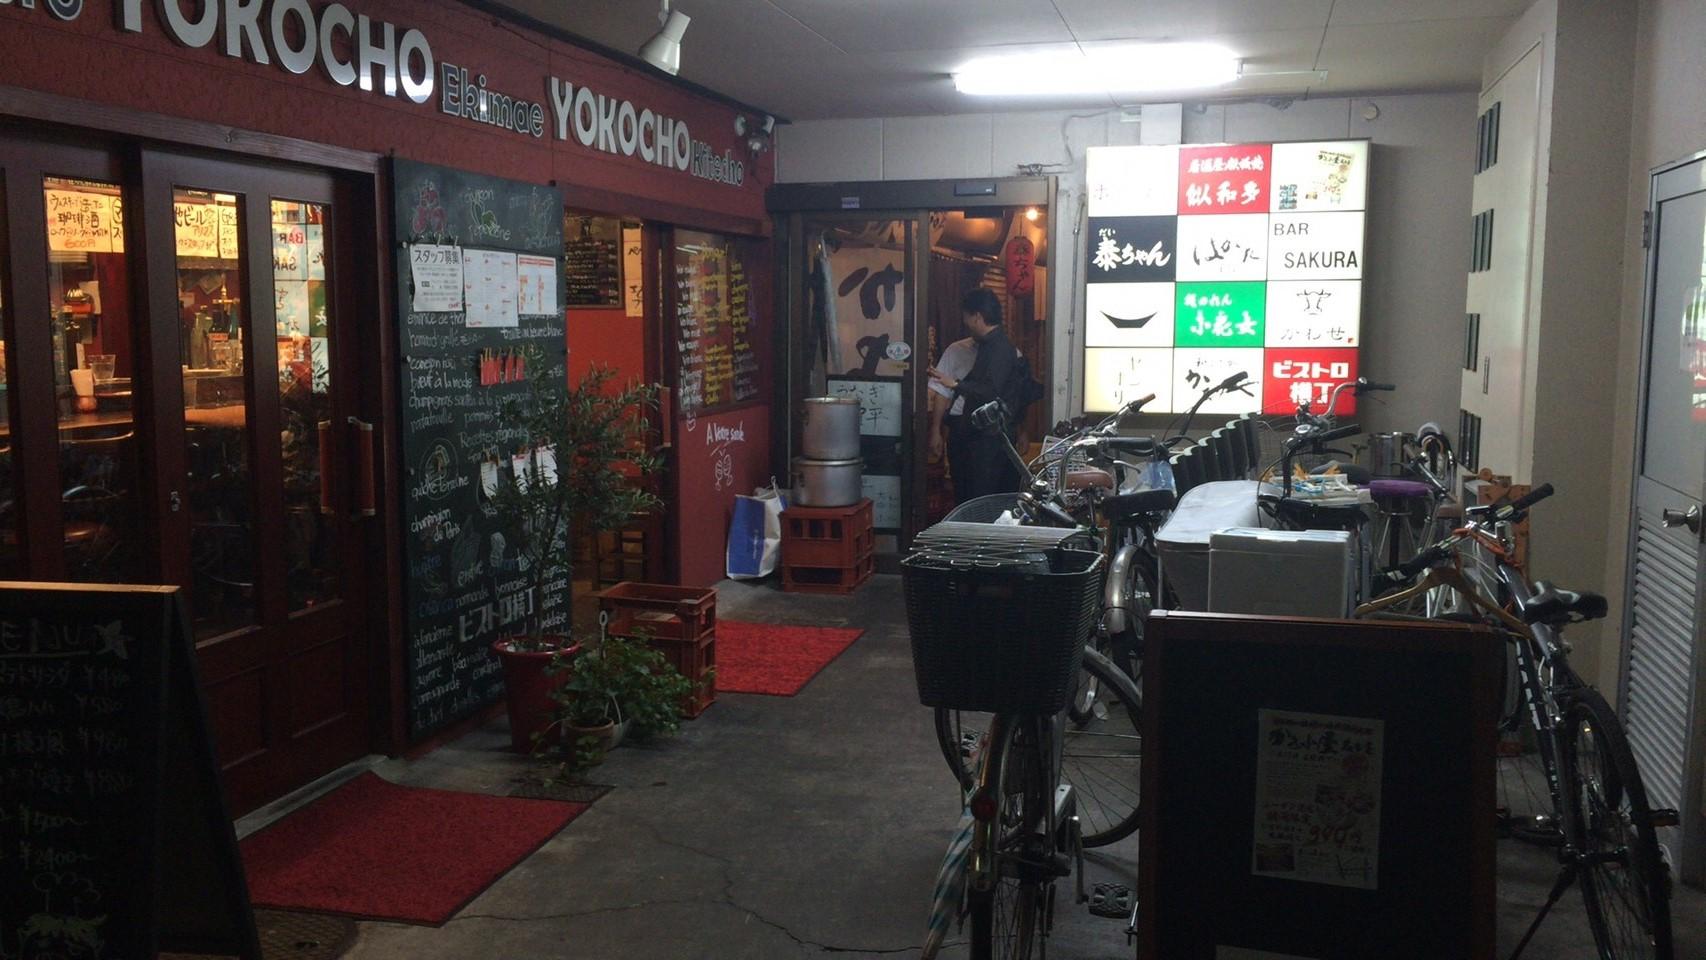 【名駅徒歩10分】ビール・日本酒・ワイン 美人店主が迎える三拍子揃った立ち飲みの名店